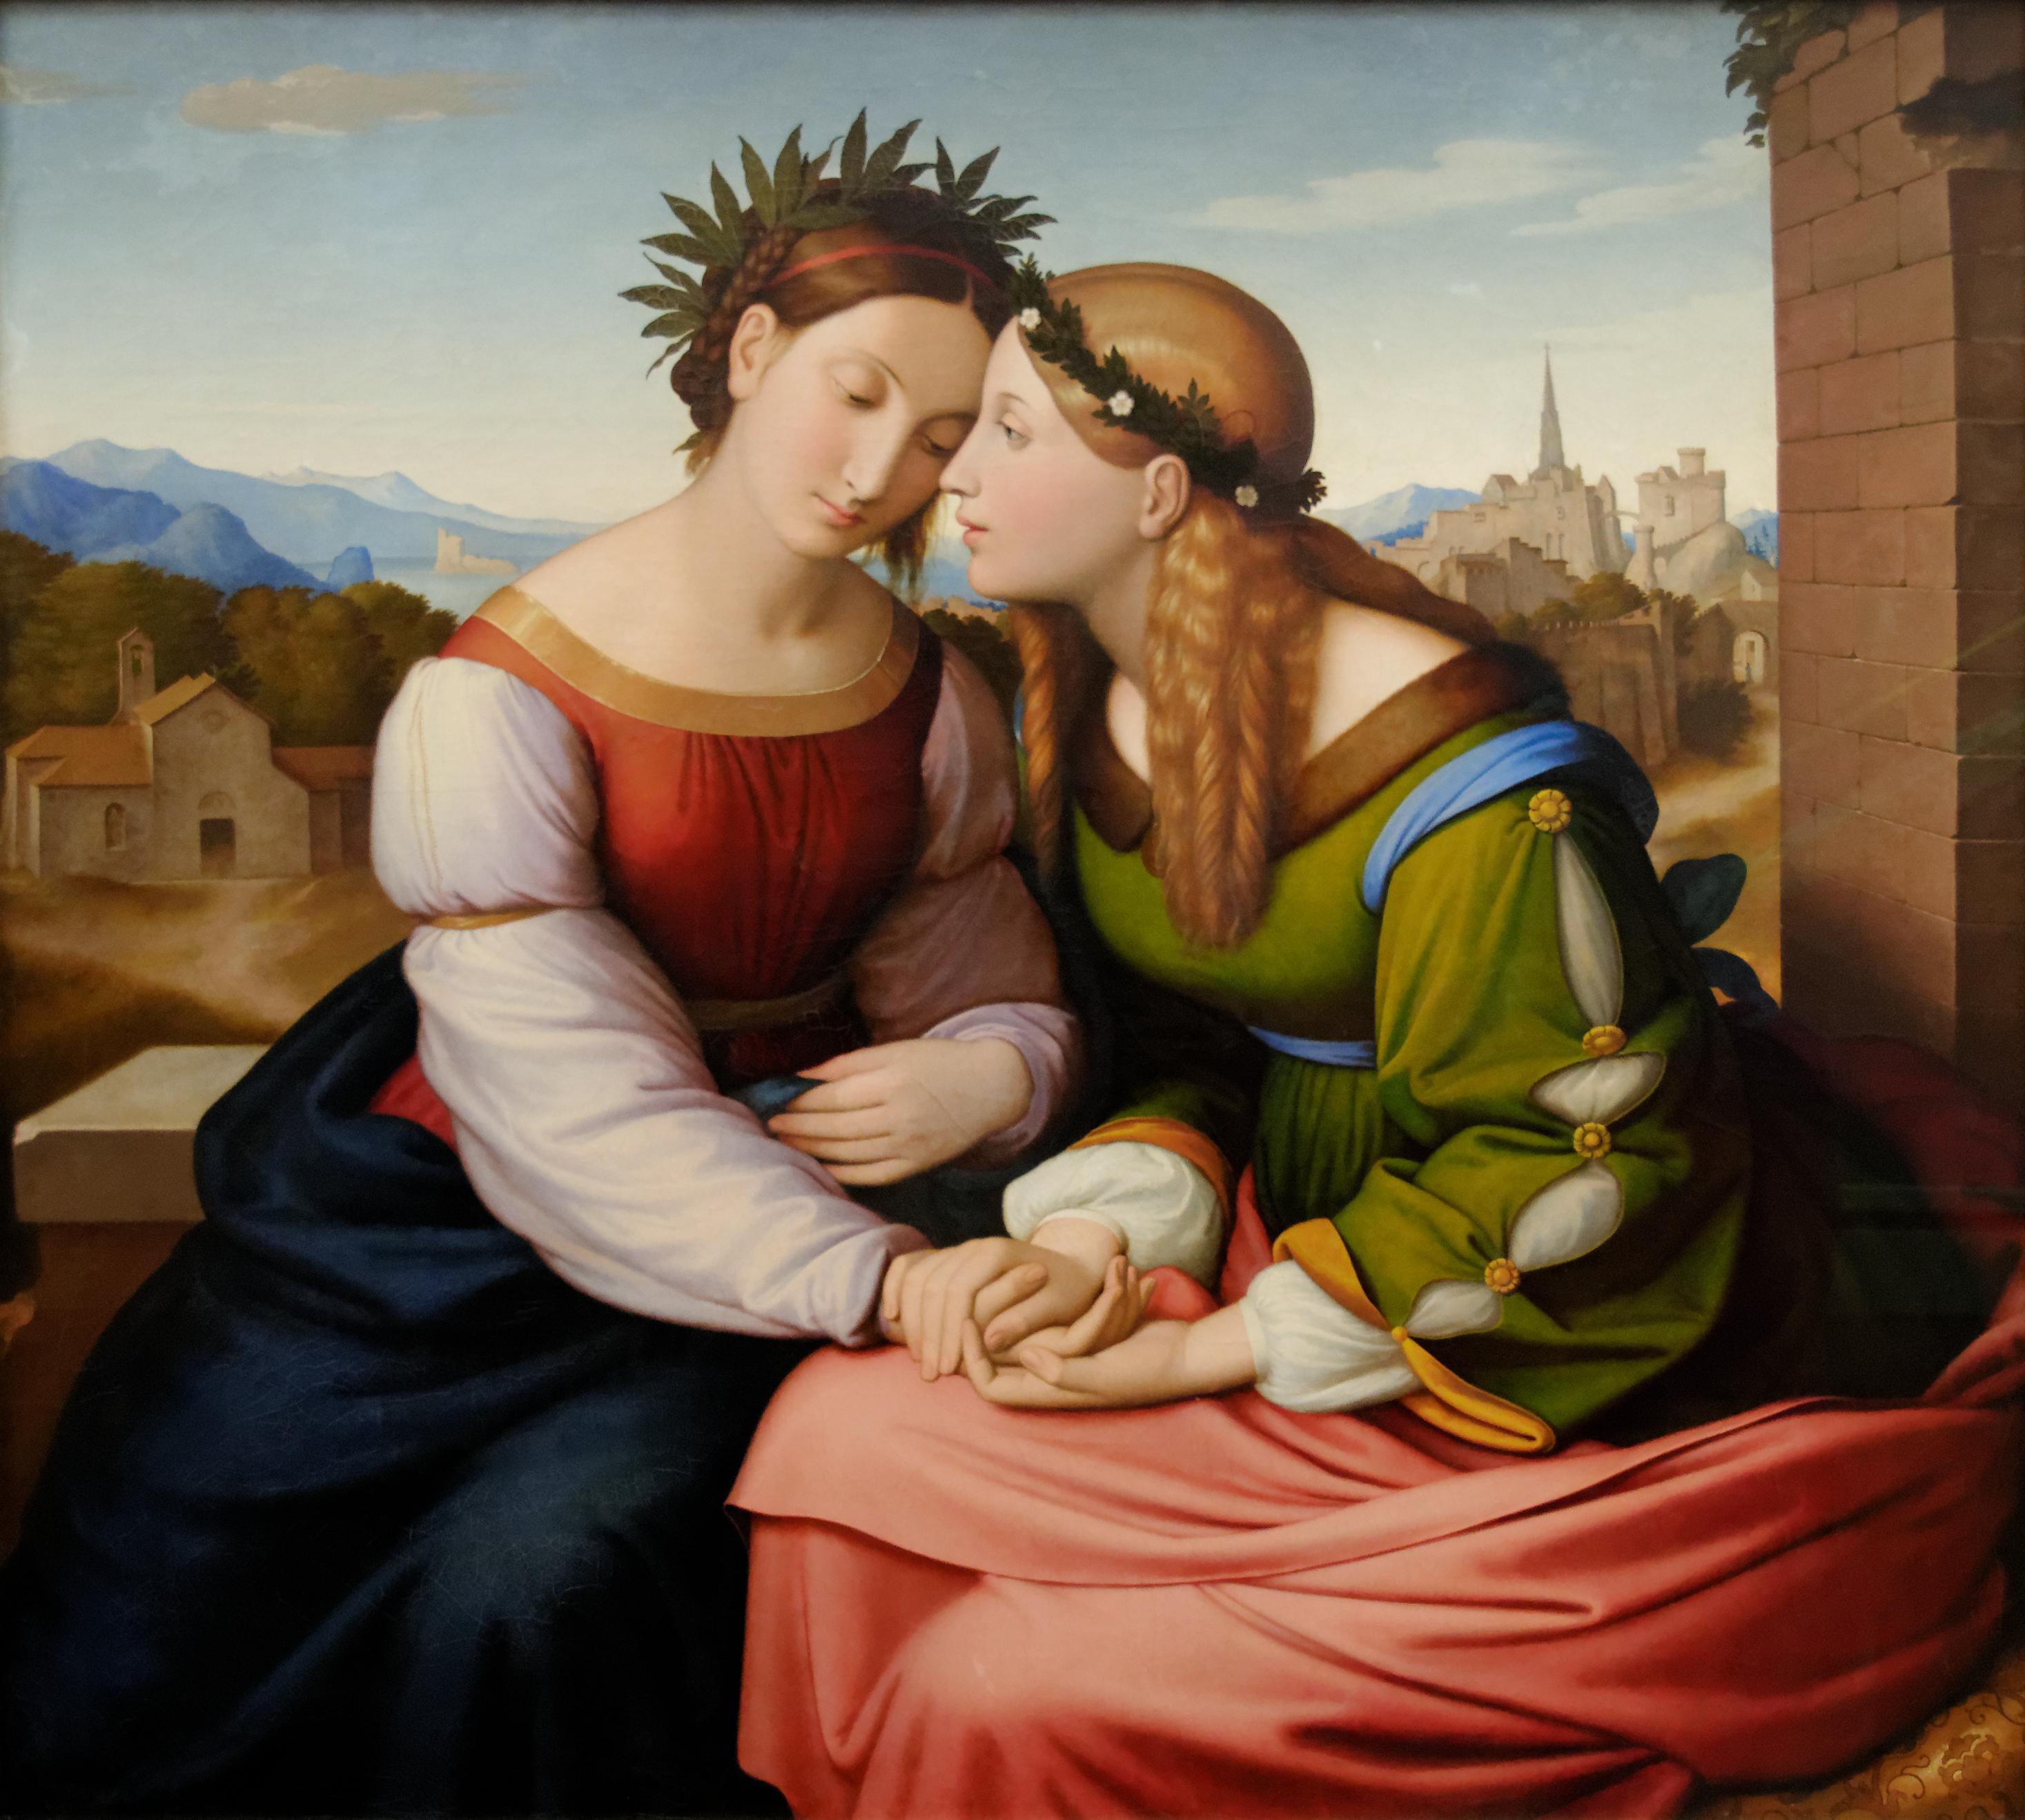 Фридрих Овербек. Италия и Германия. 1811-1828. Масло, холст. 94х104 см. Новая Пинакотека, Мюнхен.